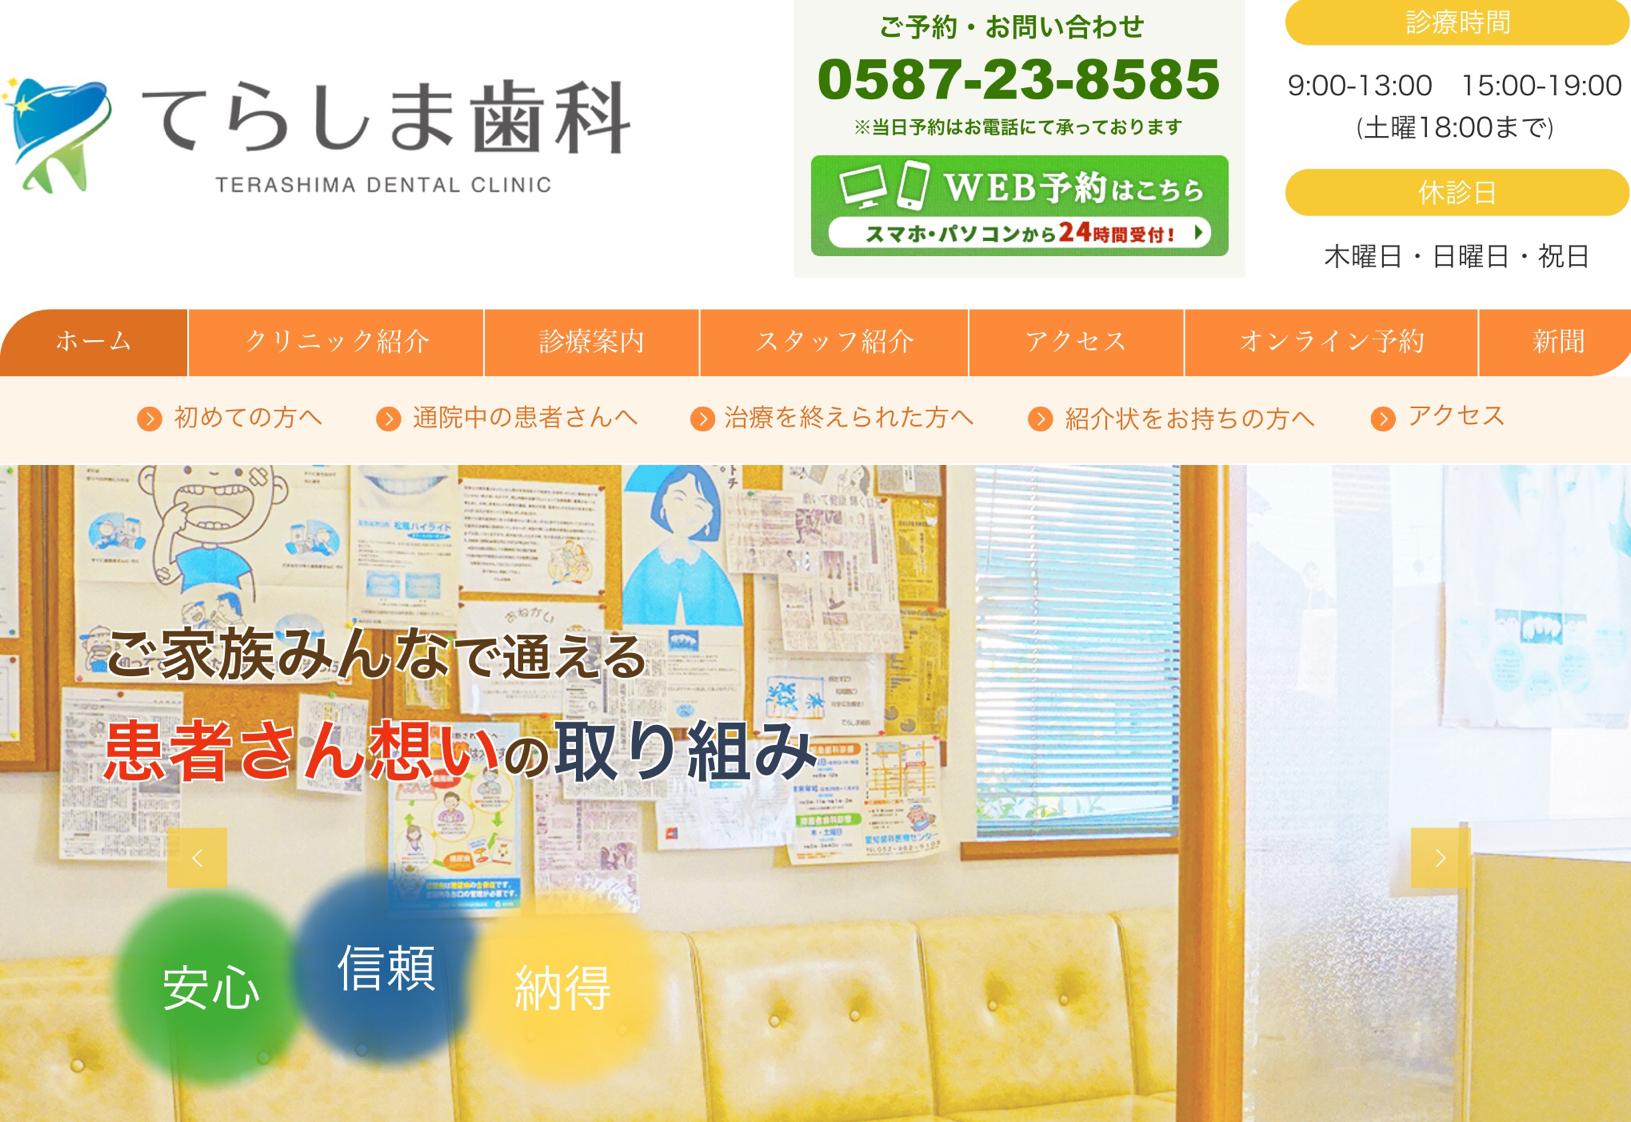 愛知県緑沢市の歯医者「てらしま歯科」